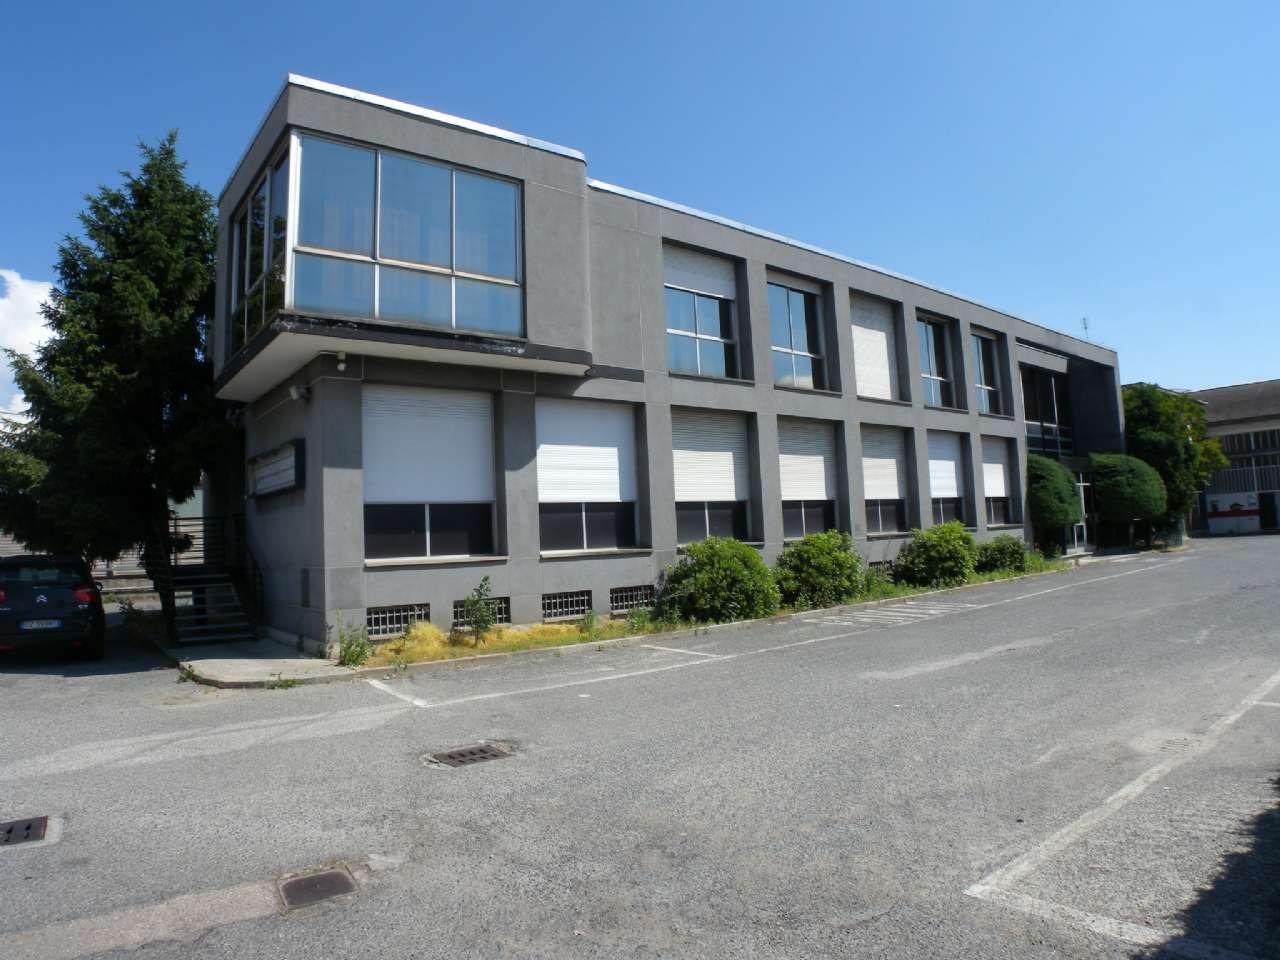 Ufficio / Studio in affitto a Moncalieri, 9999 locali, zona Località: Moncalieri, prezzo € 3.850 | CambioCasa.it